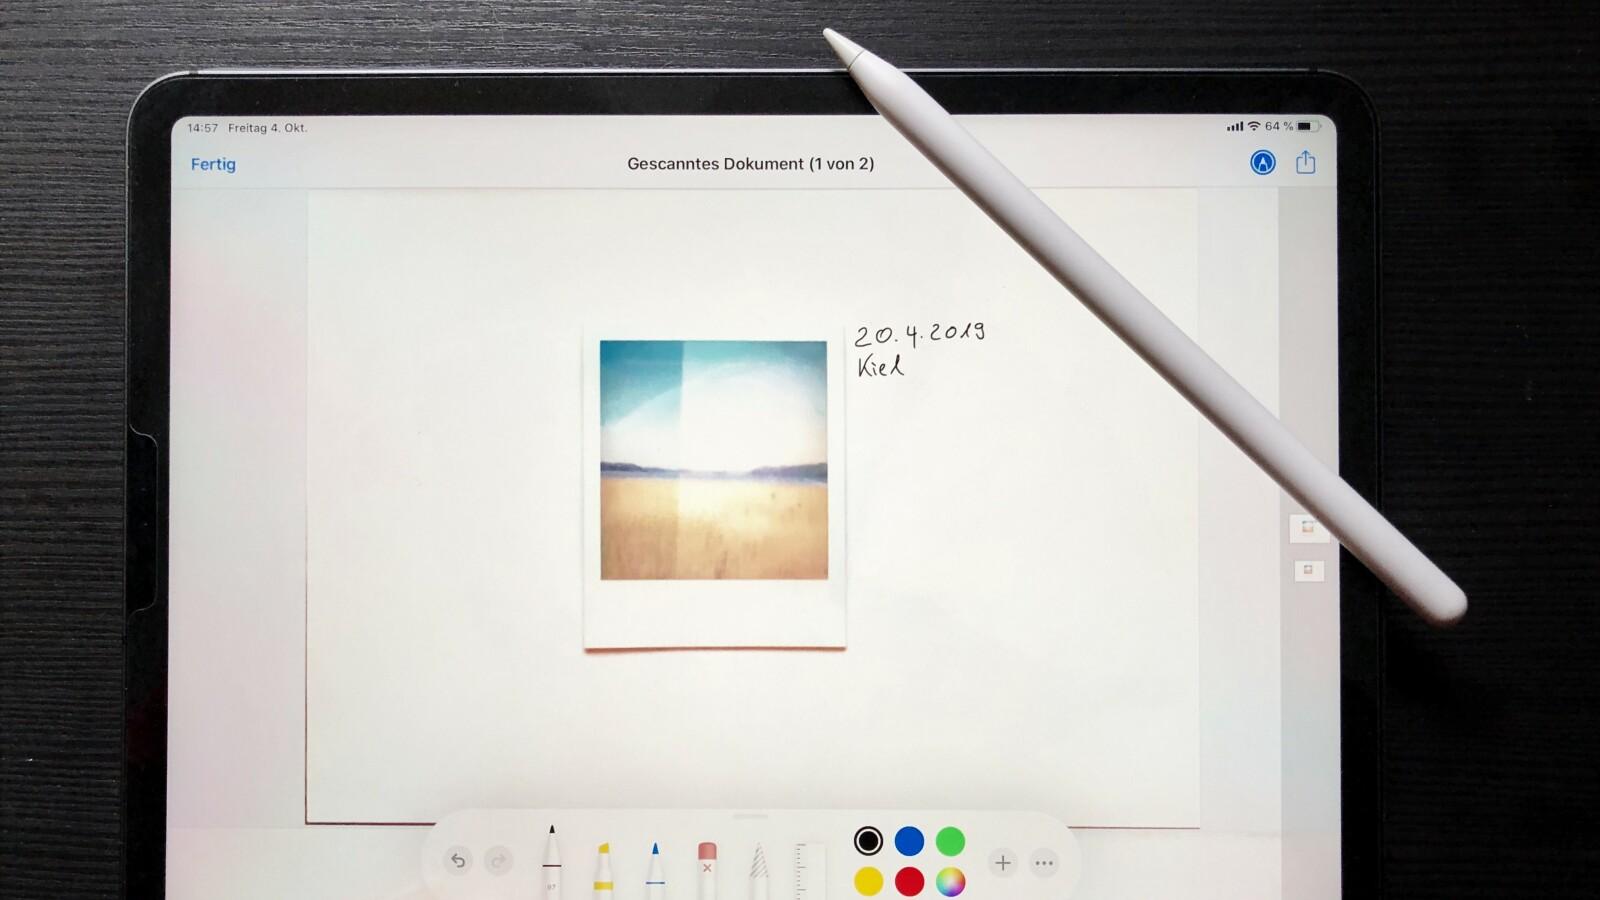 Apple iOS: So scannt und unterschreibt ihr Dokumente mit dem iPhone